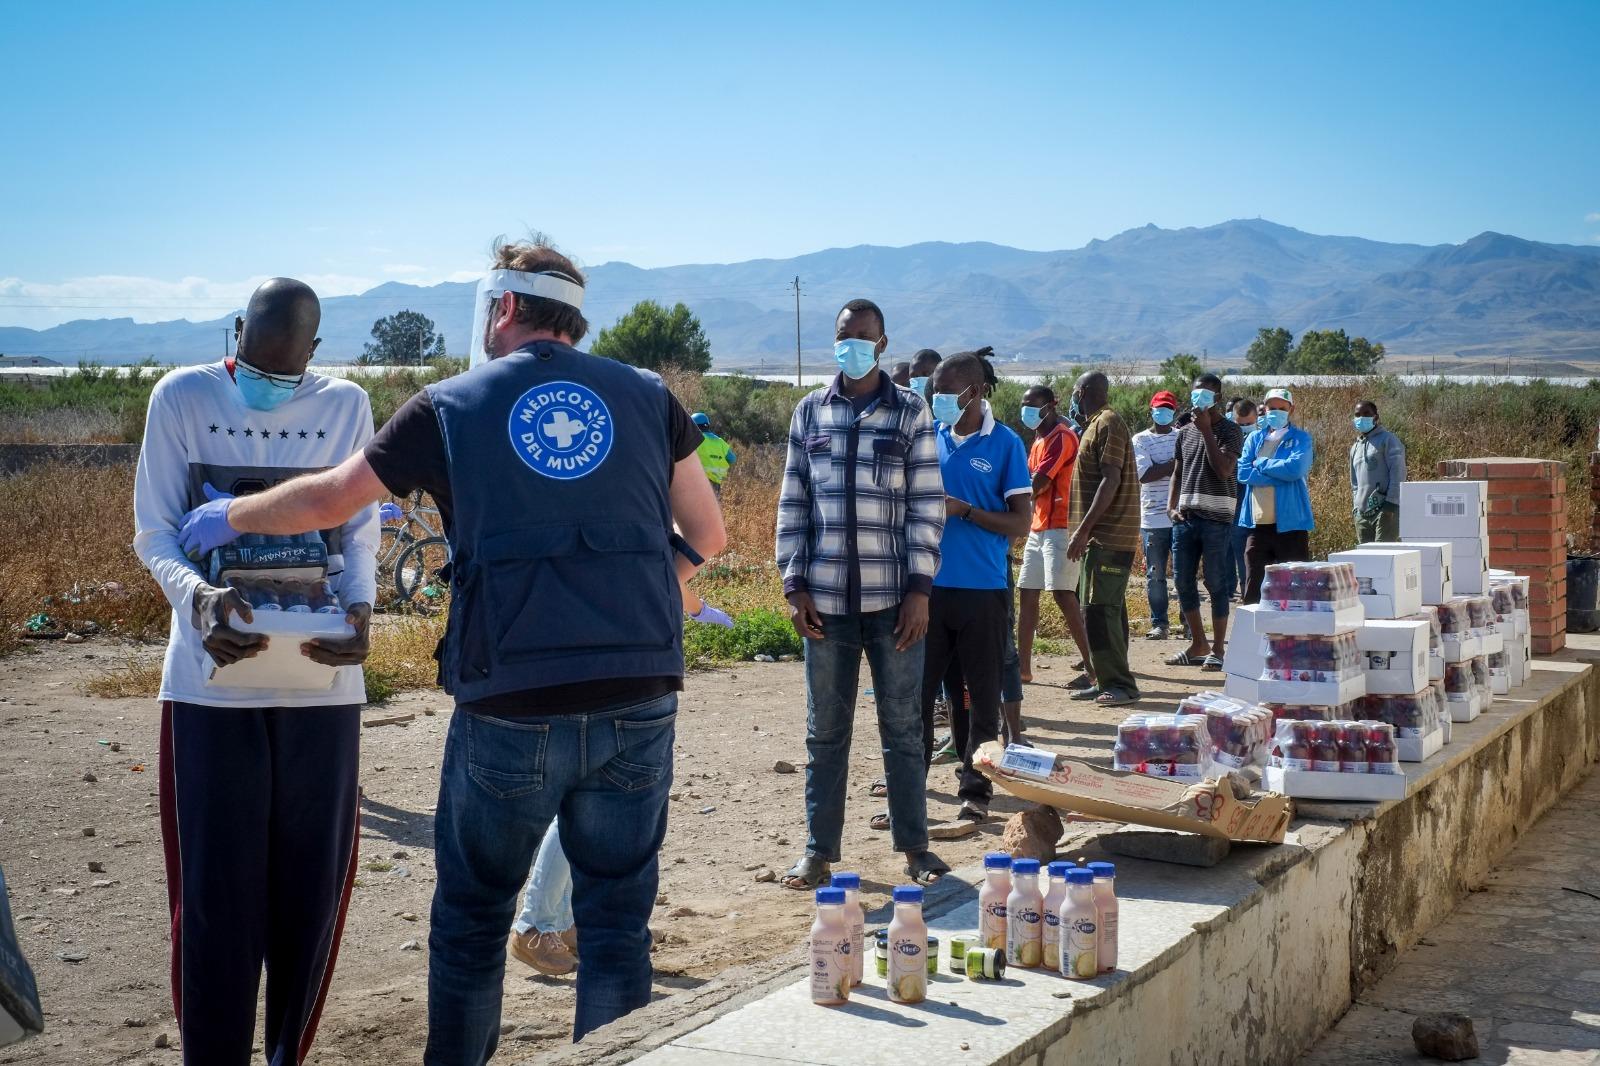 Reparto de alimentos y atención sociosanitaria en los asentamientos de Almeria durante el confinamiento. @ Fran Carrasco